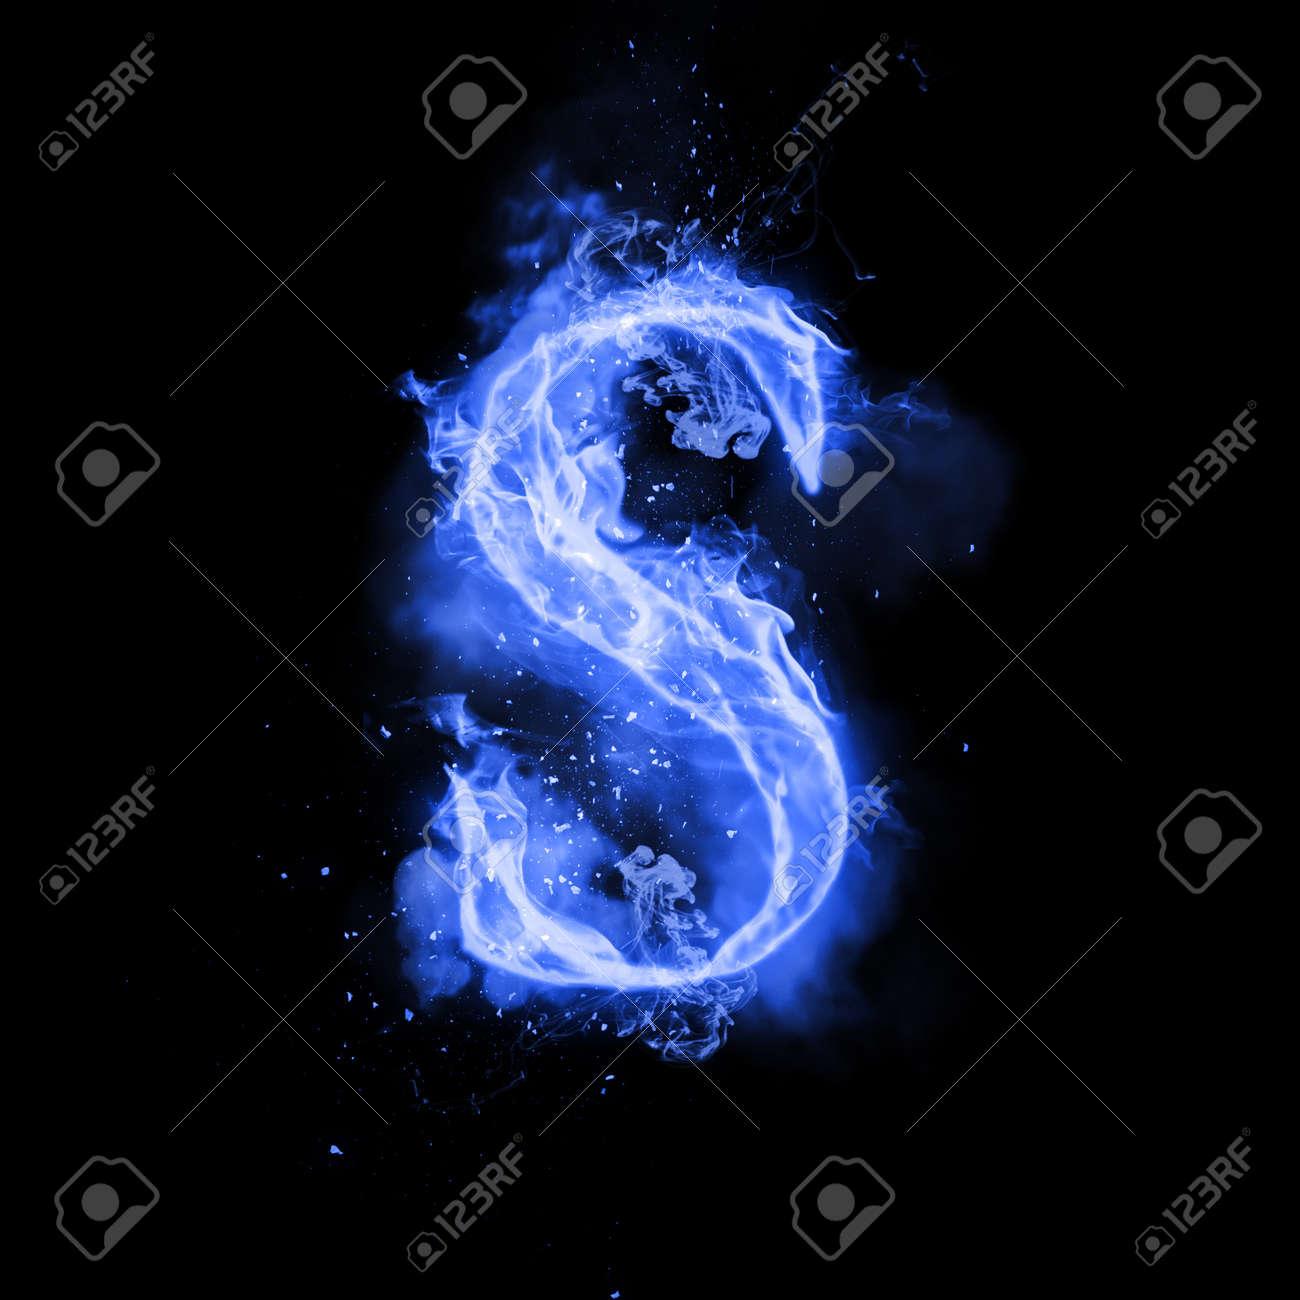 Fire Letter S Of Burning Blue Flame Flaming Burn Font Or Bonfire